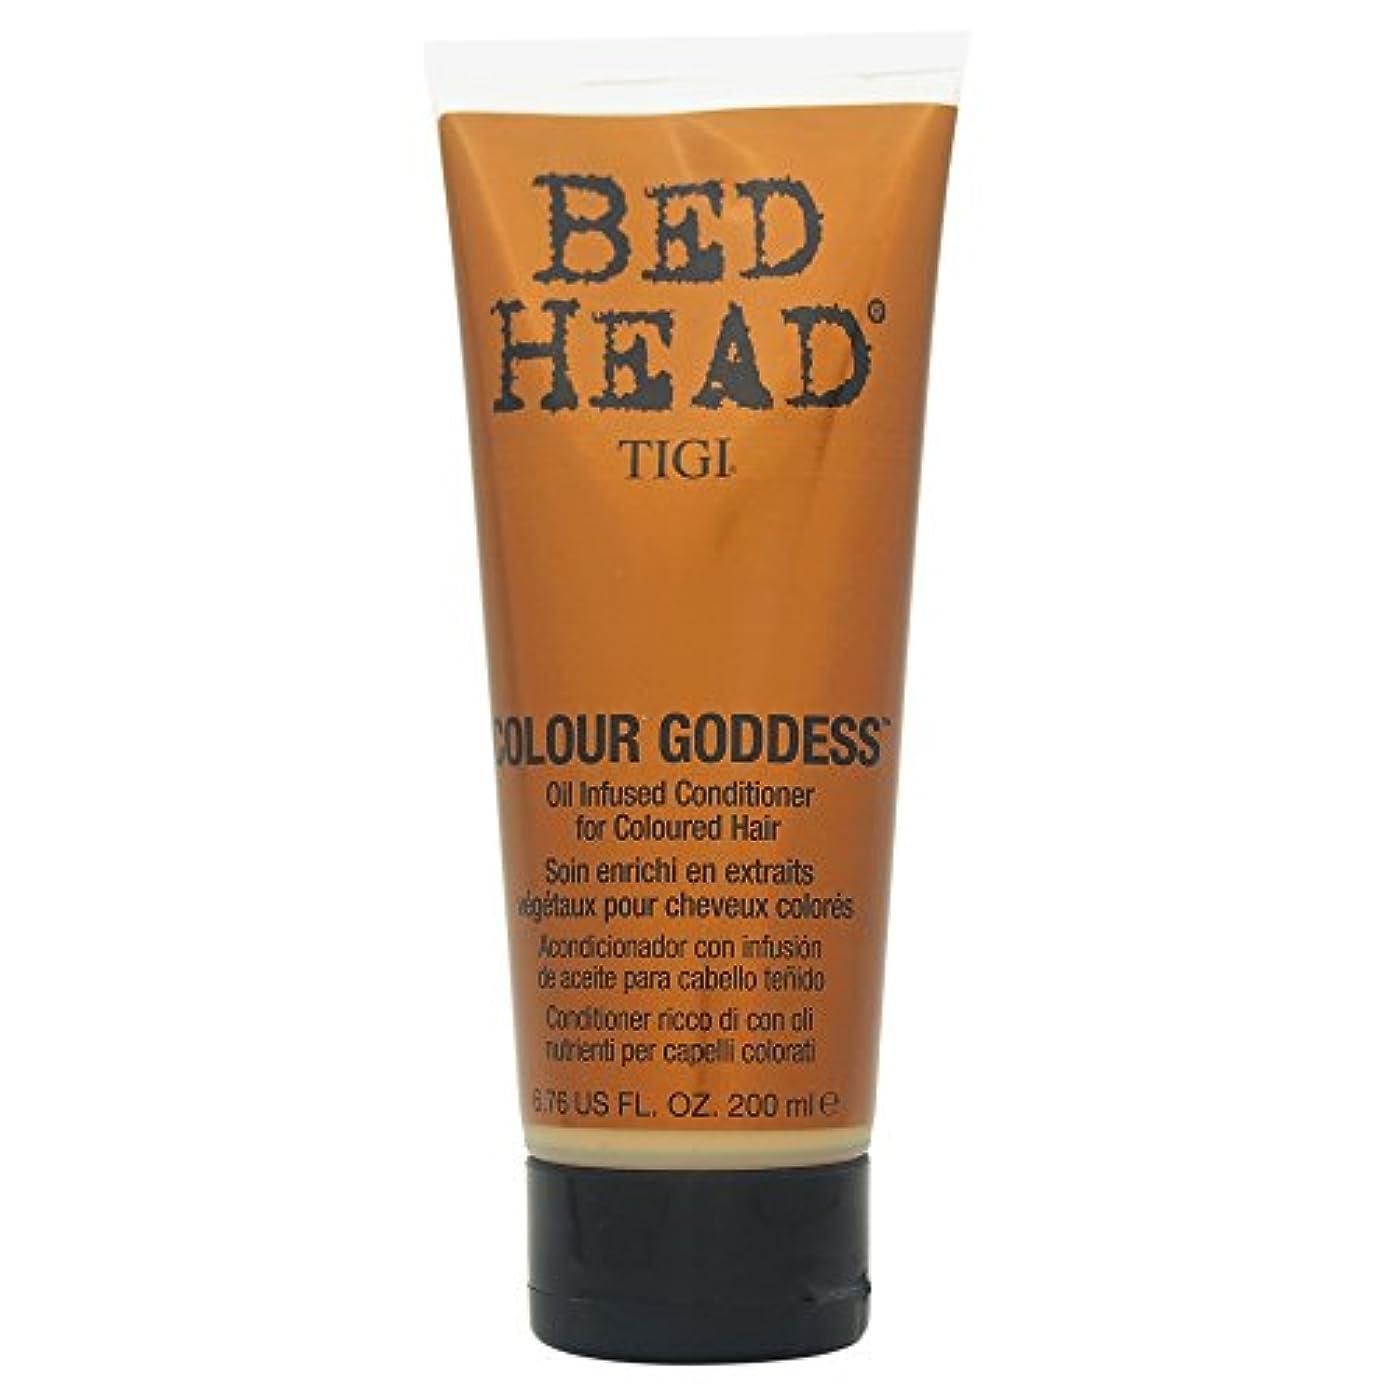 治安判事忍耐もう一度Tigi Bed Head Colour Goddess Oil Infused Conditioner 200ml [並行輸入品]